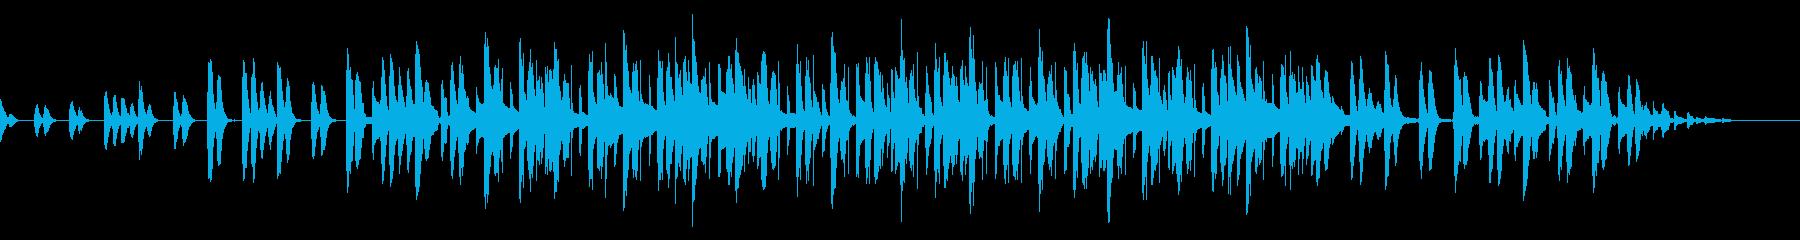 ゆったりとやさしい音楽の再生済みの波形